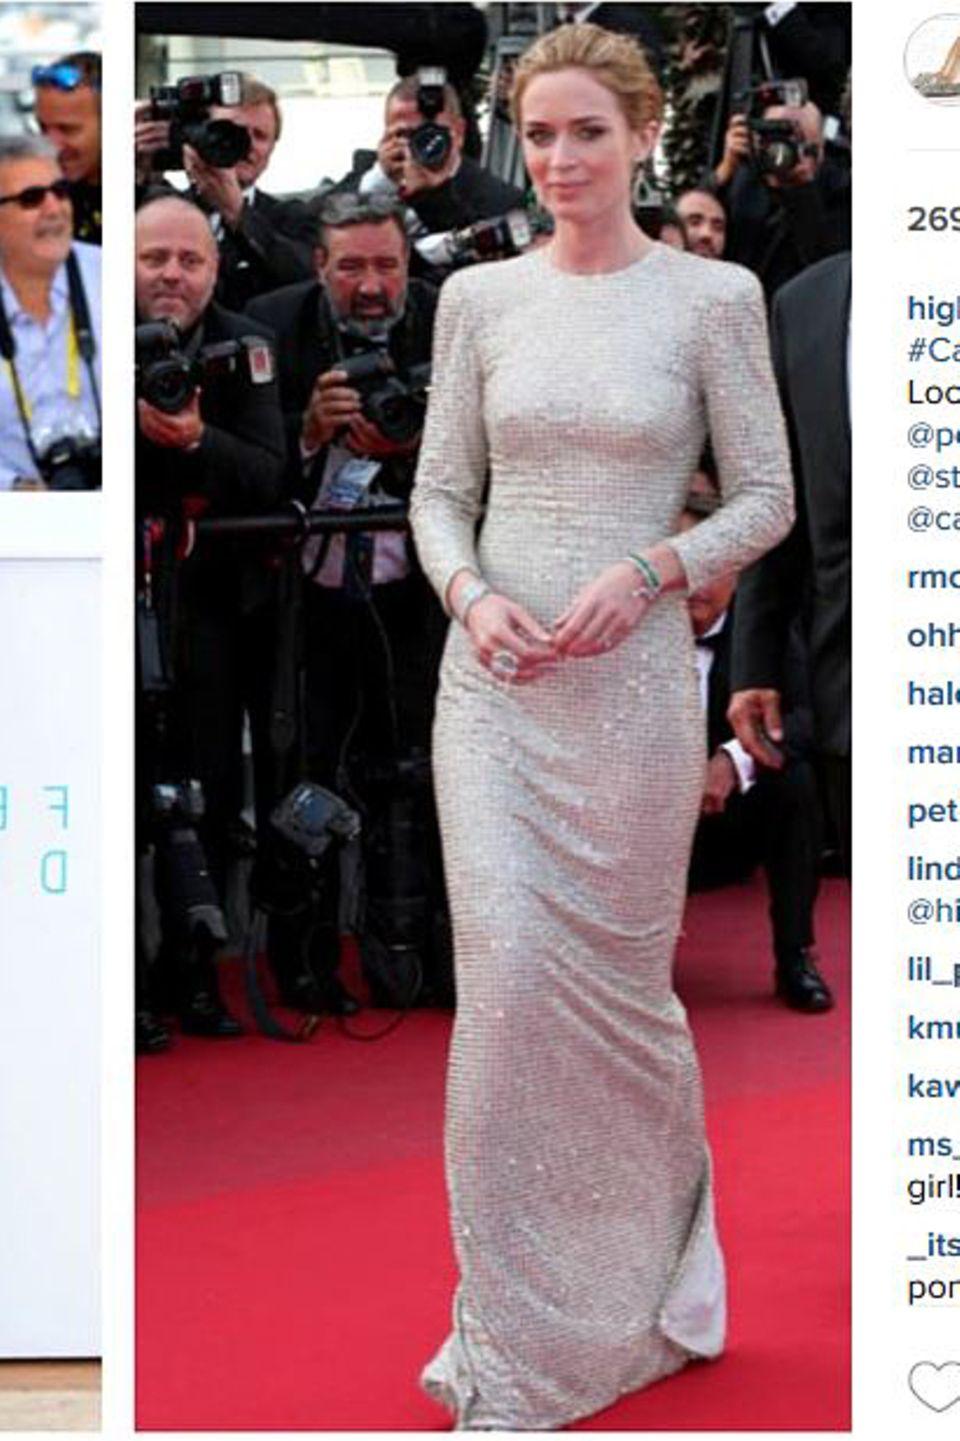 Auch Emily Blunt zählt zum Kundenstamm von Jessica Paster. Auf ihrem Instagramprofil zeigt die Stylistin stolz zwei Looks der Schauspielerin - und führt detailliert alle Marken auf, deren Entwürfe zu sehen sind.